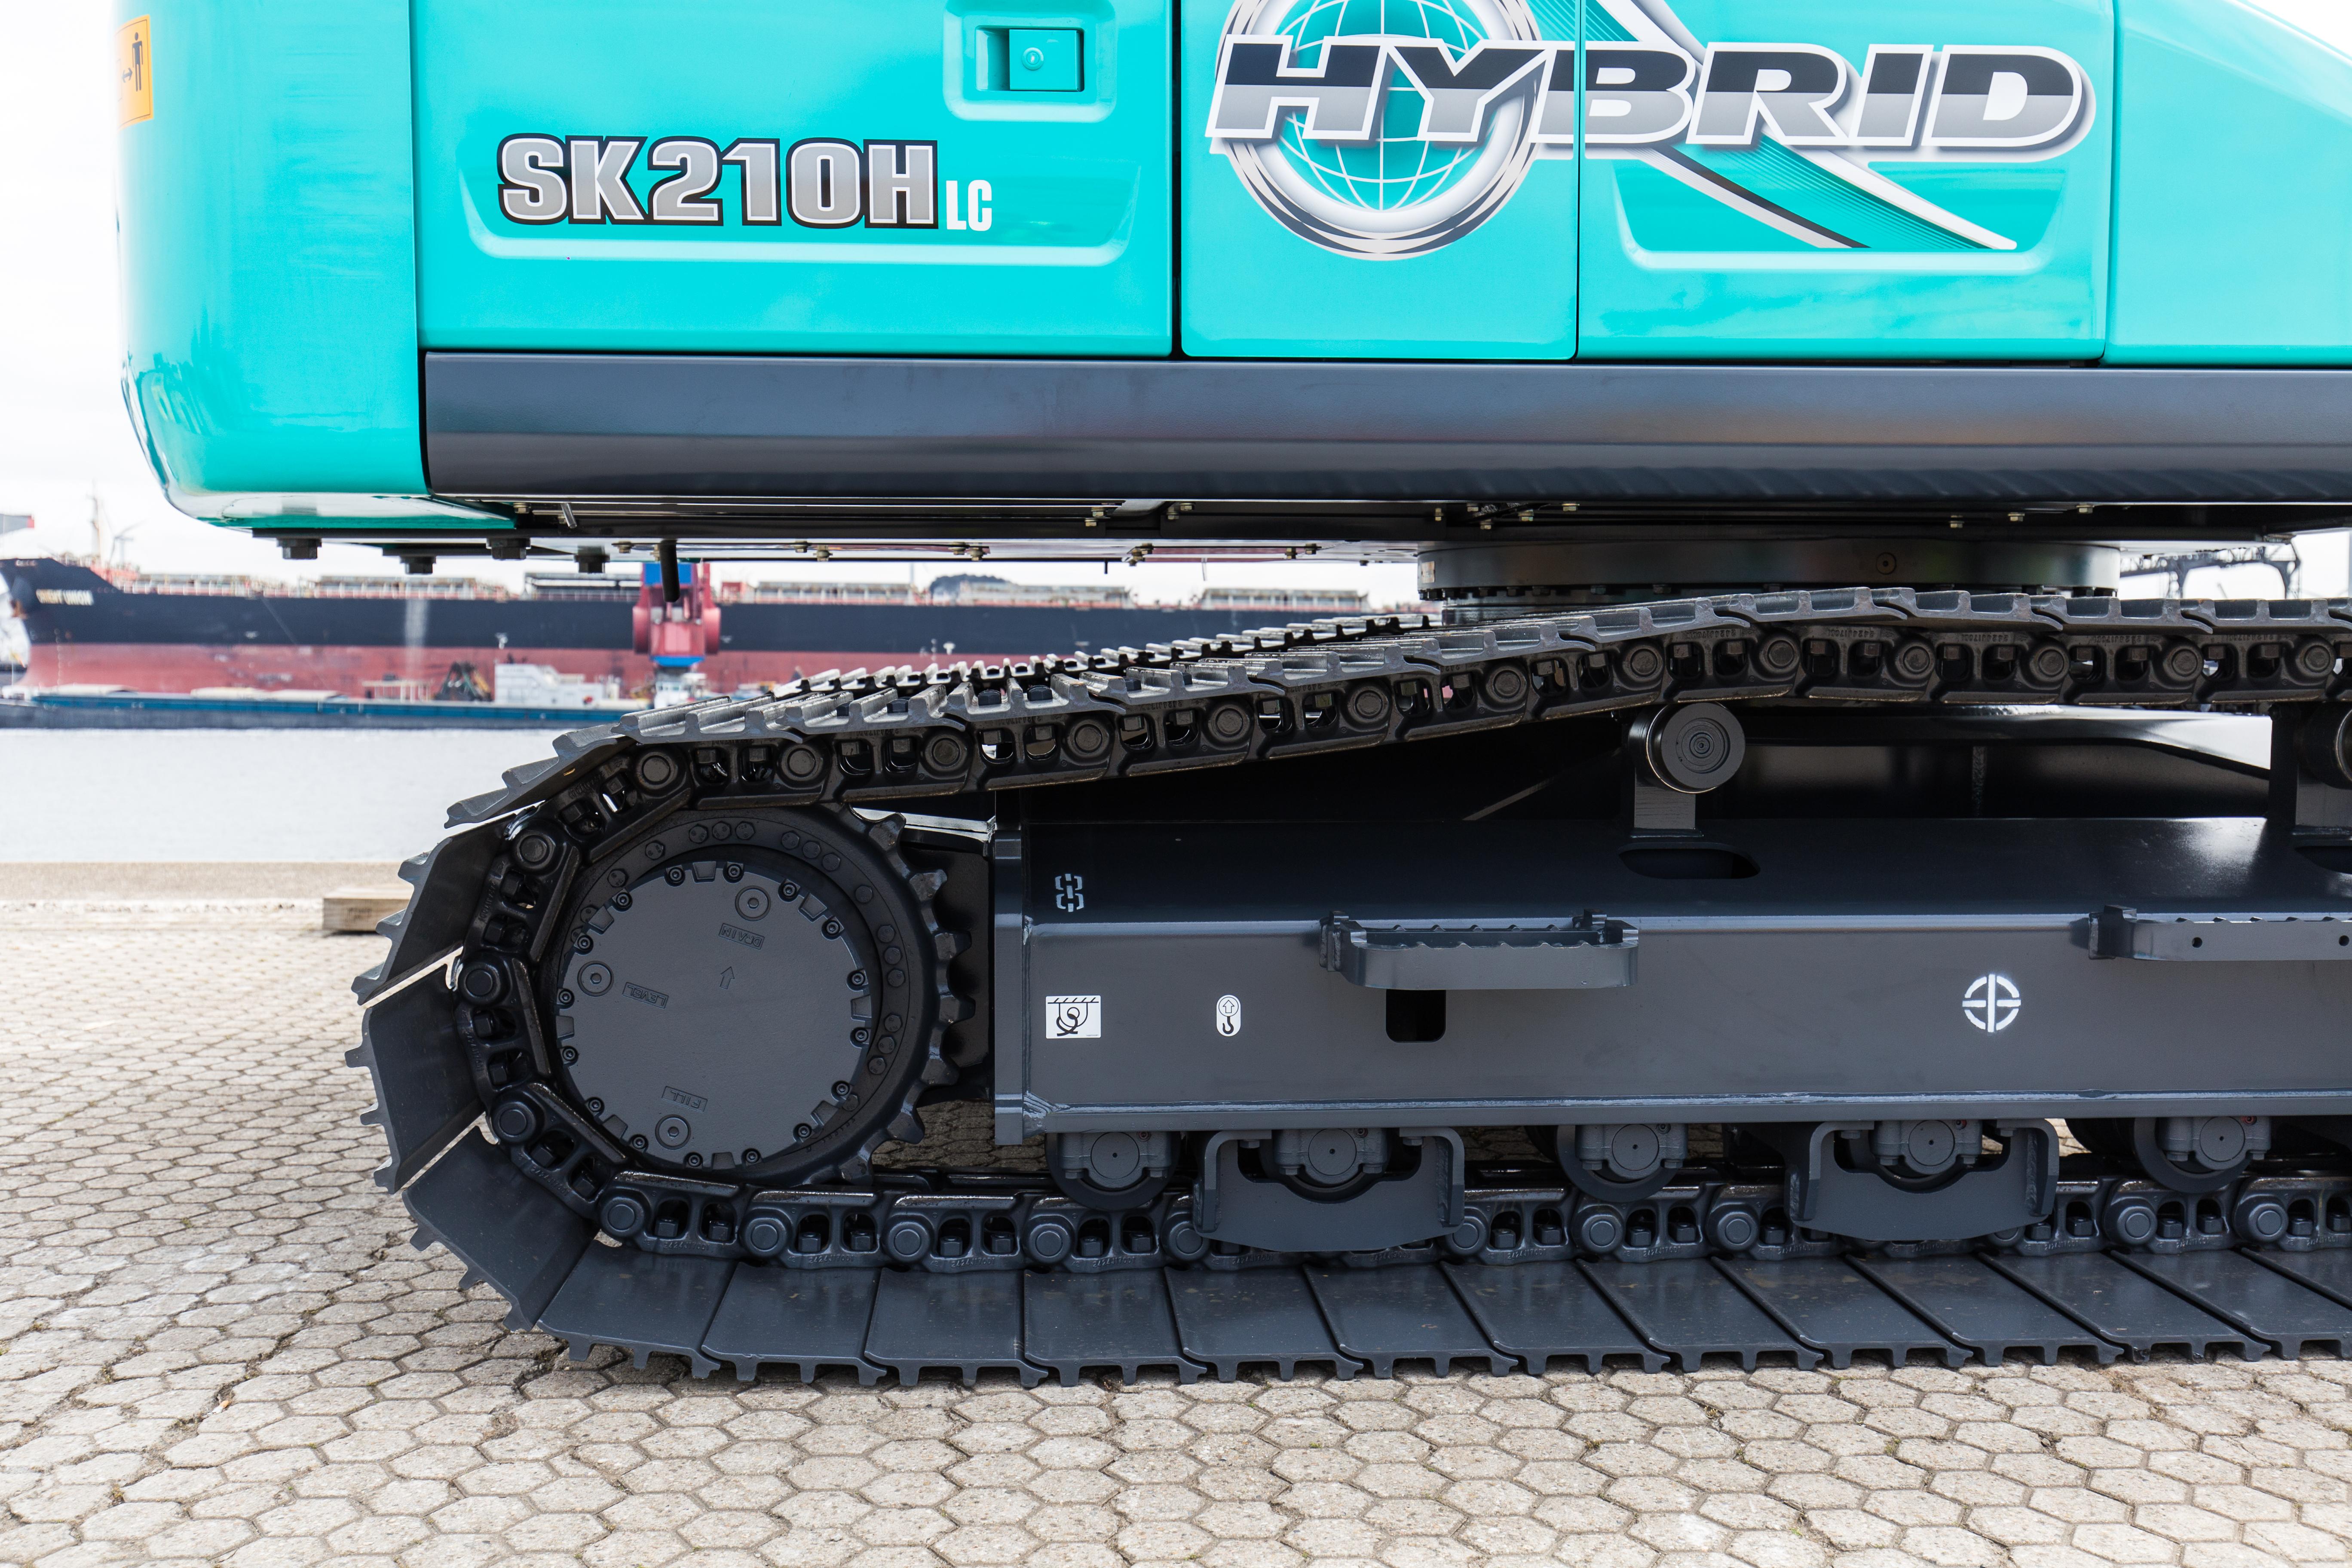 SK210H(N)LC-10 HYBRID